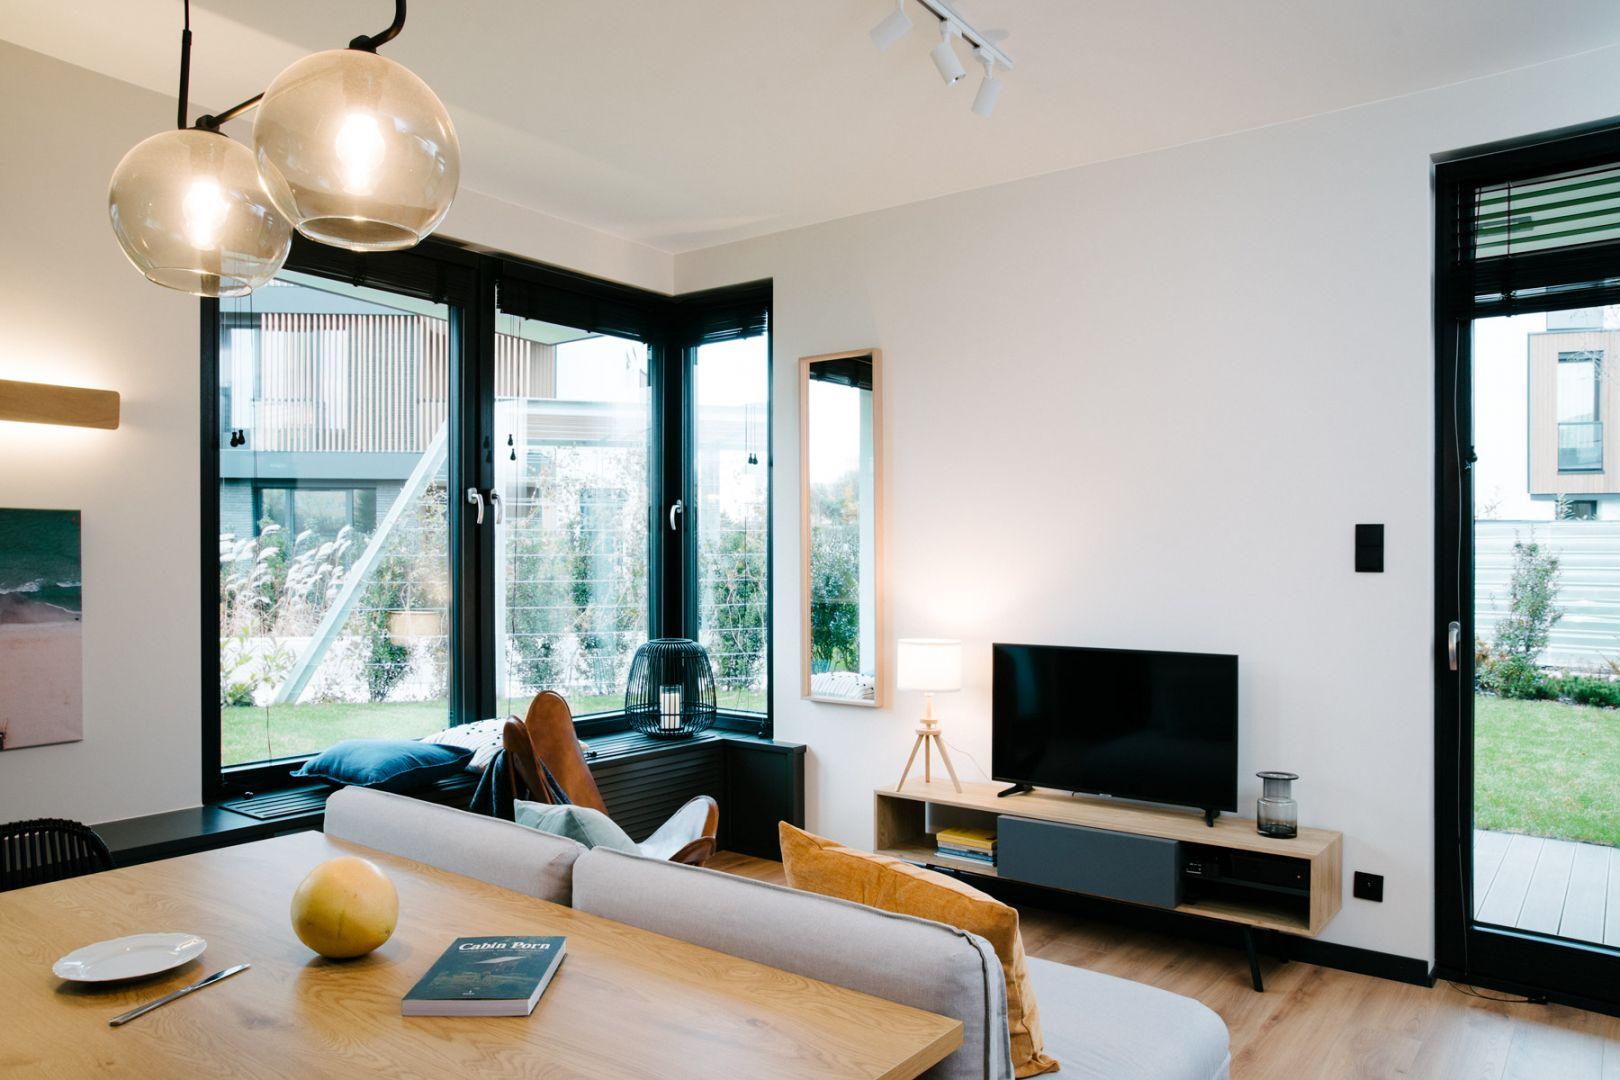 Duże okna w przestrzeni dziennej sprawiają, że wnętrze jest jasne. Projekt: Barbara Bulska, Piotr Czajkowski, pracownia PLAN A. Fot. Adam Biernat